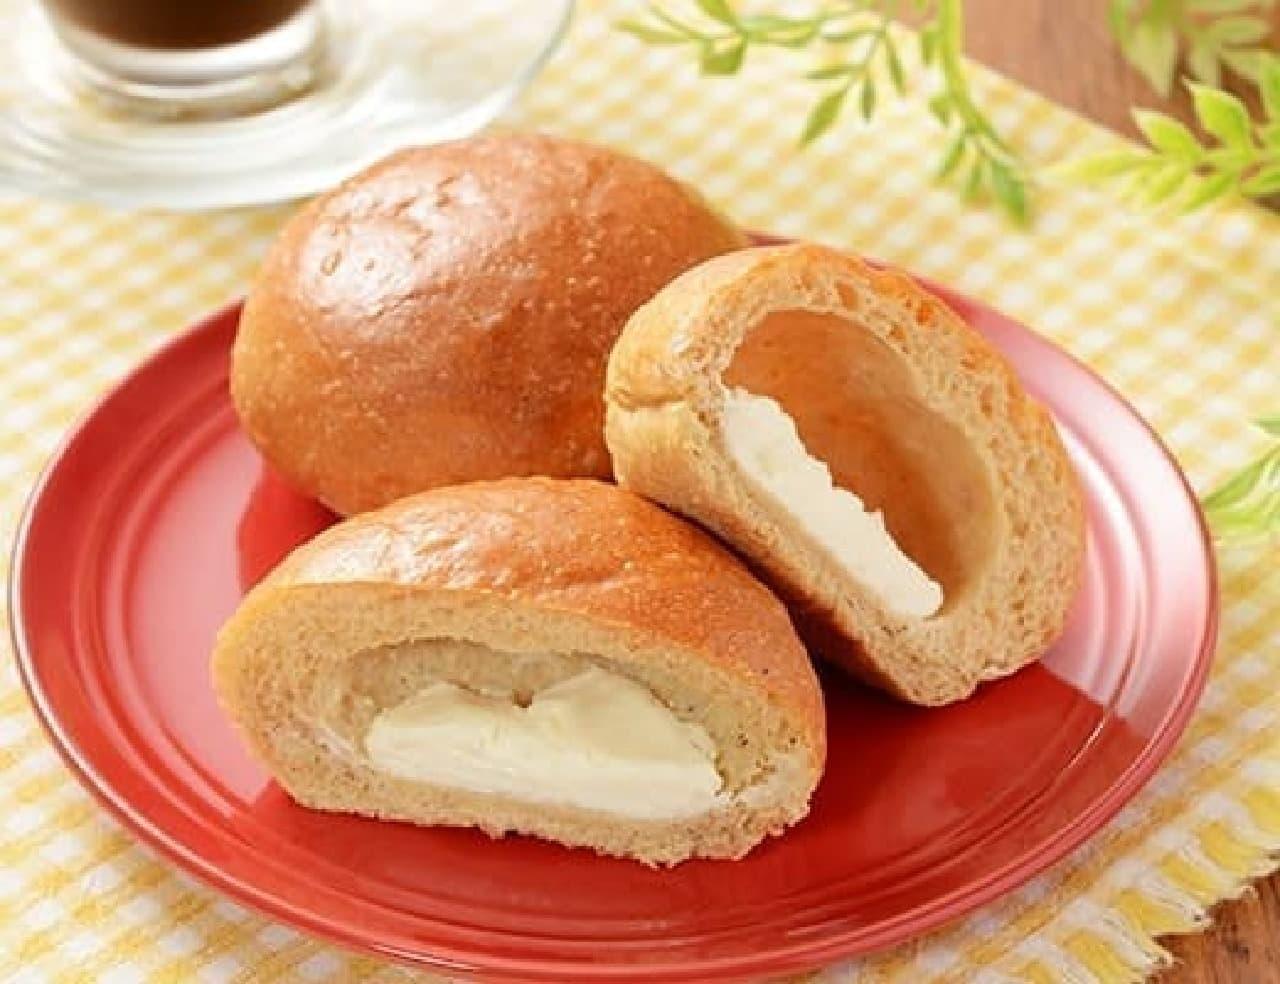 ローソン「NL モーニングオルジュ チーズクリーム 2個入」